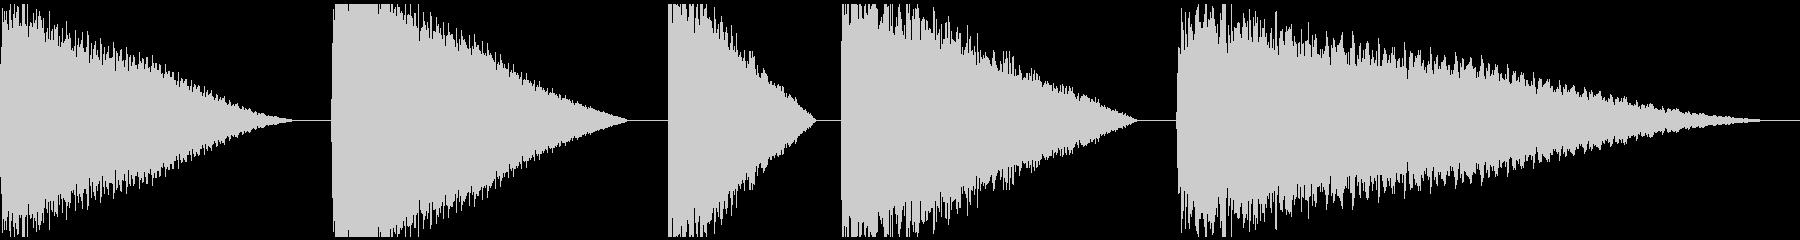 レゾムーグ、5バージョン、コード、...の未再生の波形